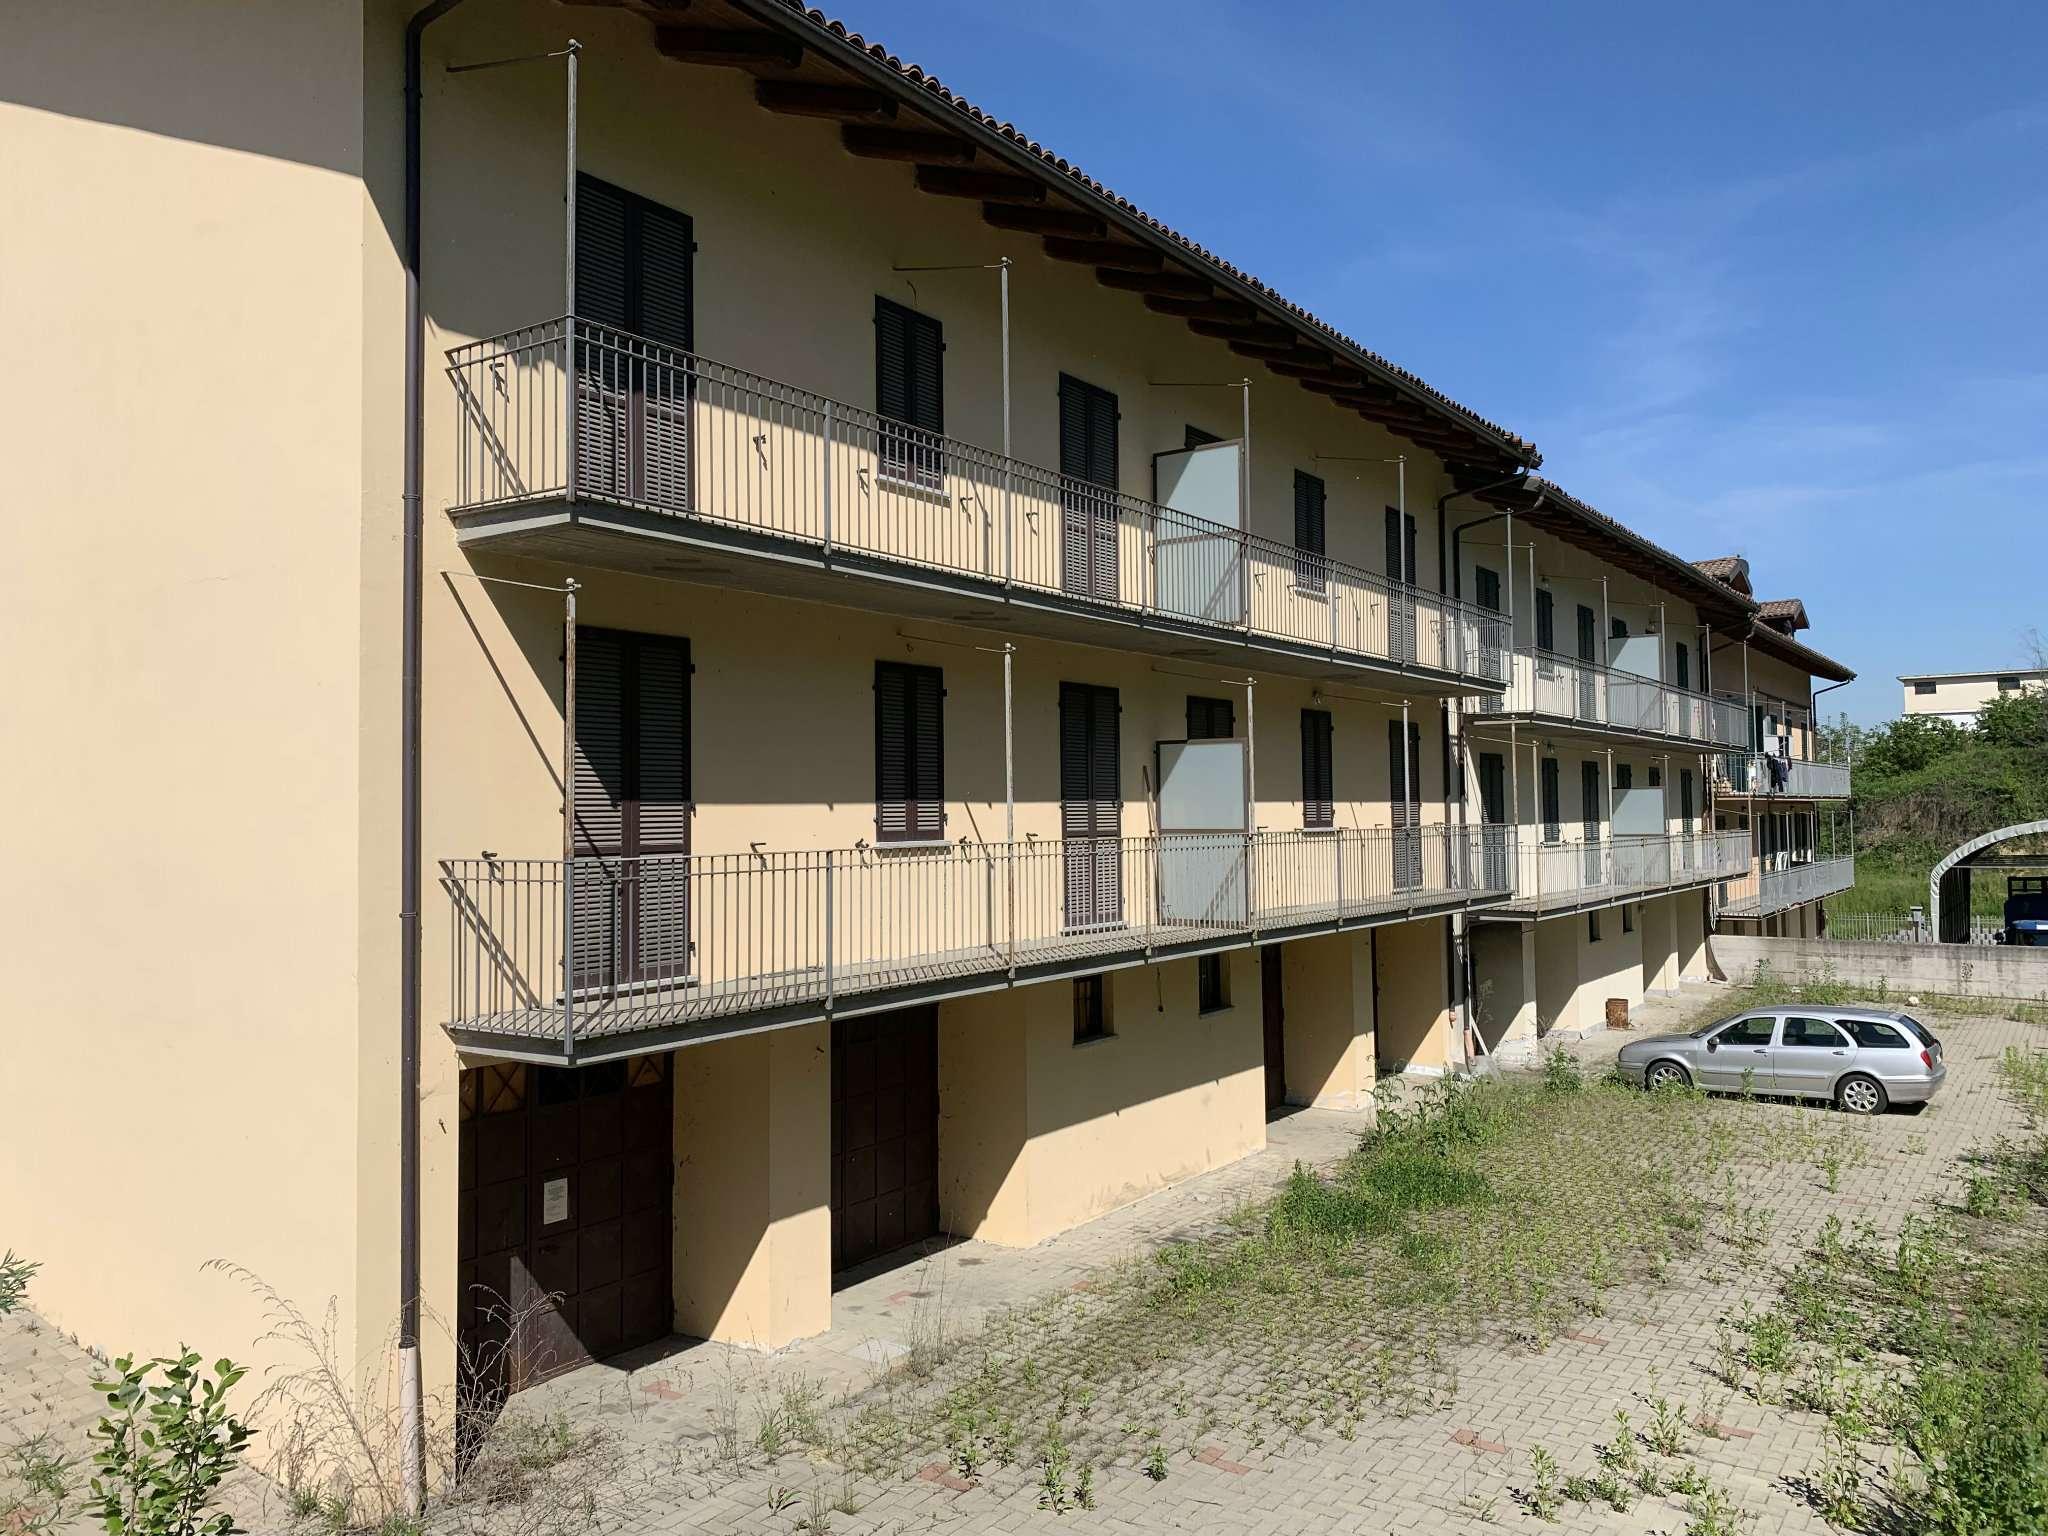 Palazzo / Stabile in vendita a Ferrere, 9999 locali, prezzo € 483.000   PortaleAgenzieImmobiliari.it